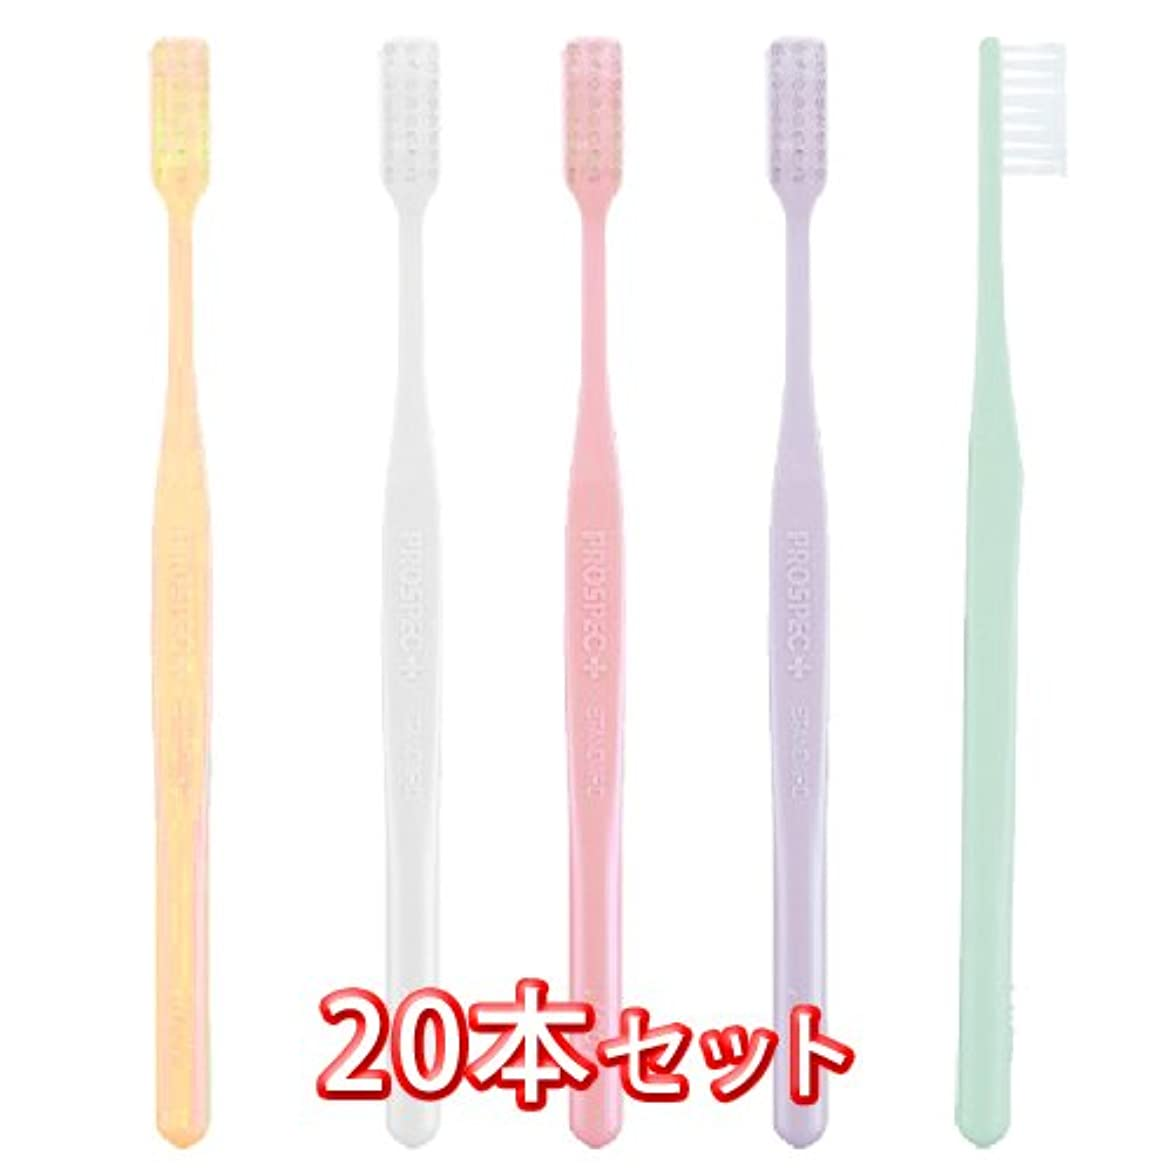 嫉妬完璧な悪性のプロスペック 歯ブラシ プラススタンダード 20本入 S やわらかめ